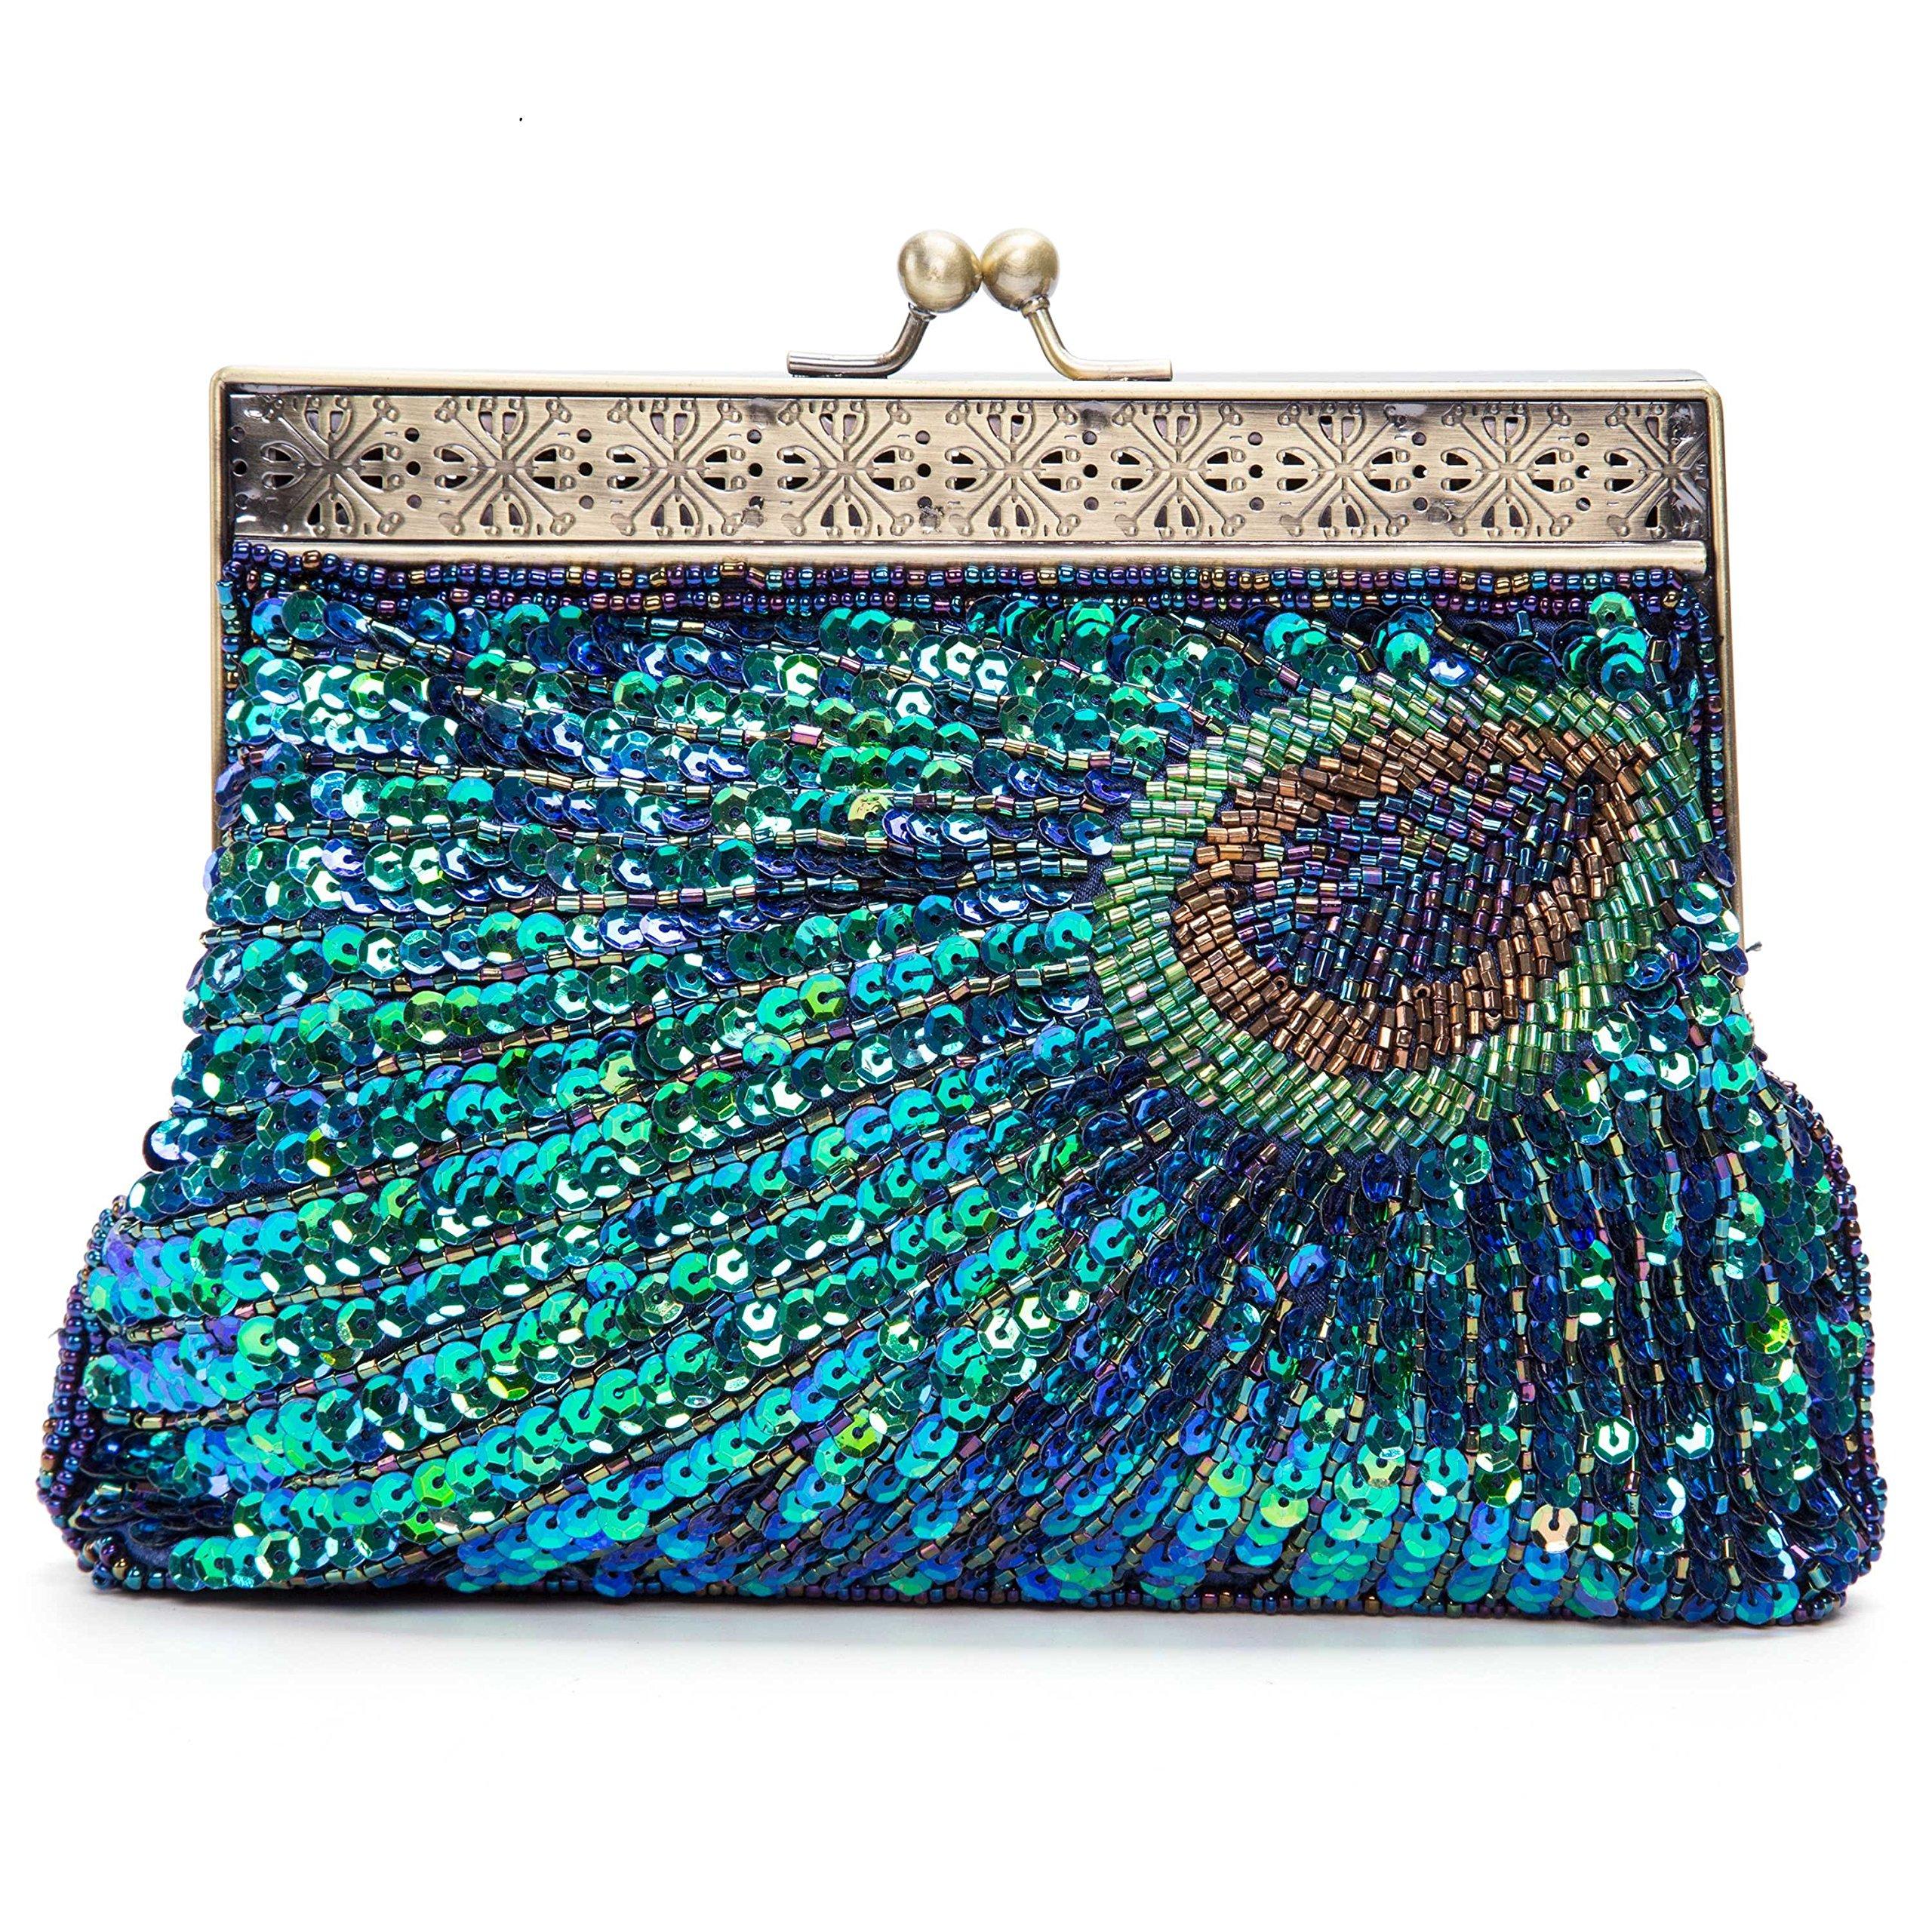 Kaever Women's Retro Beaded Sequins Peacock Clutch Evening Bag Wedding Handbag (Navy Blue)